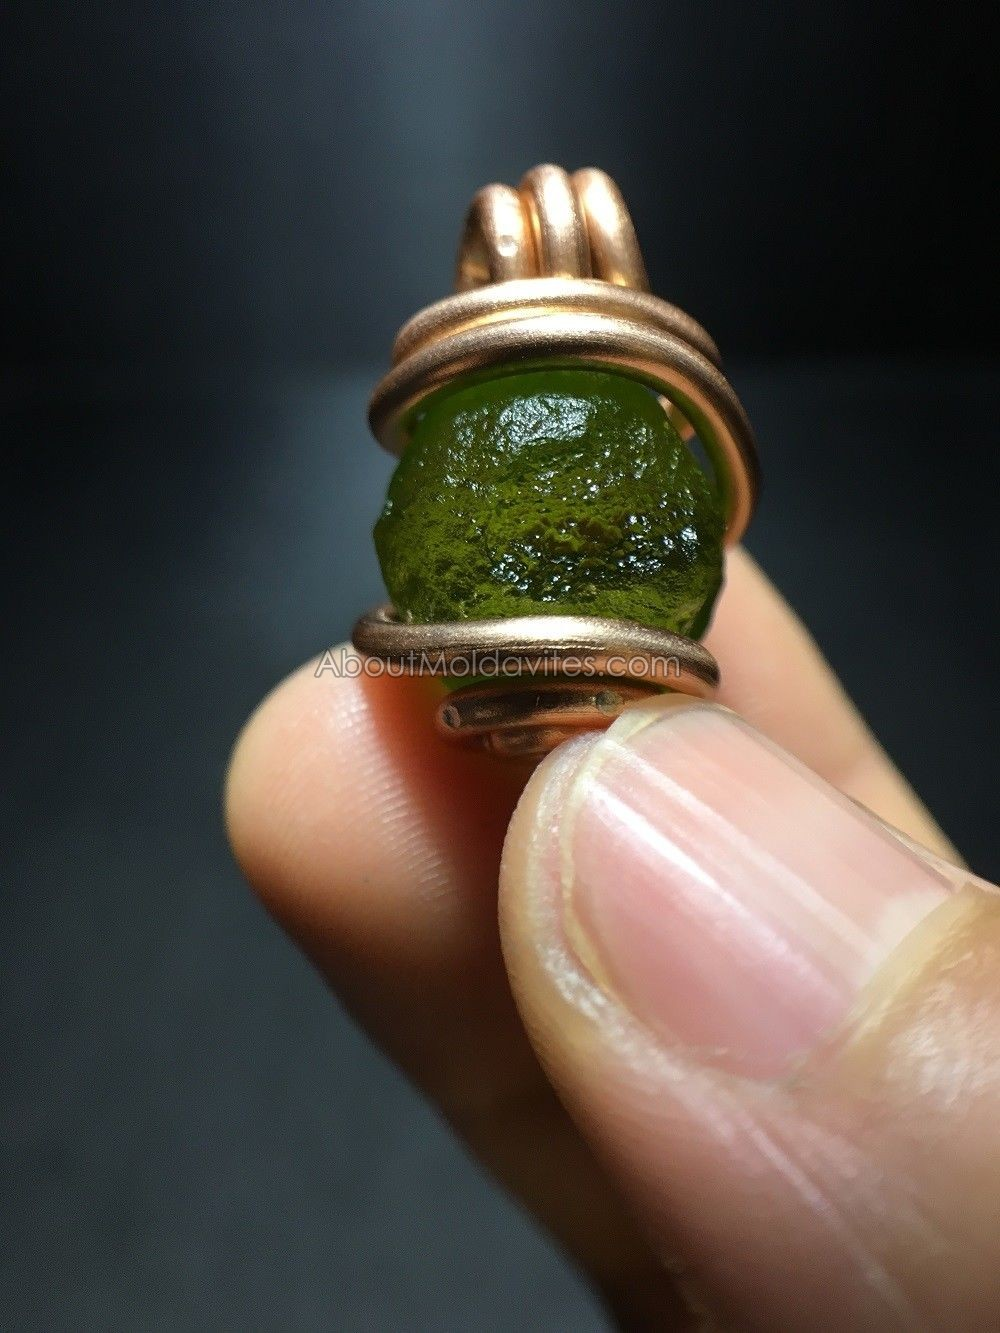 Fake moldavite